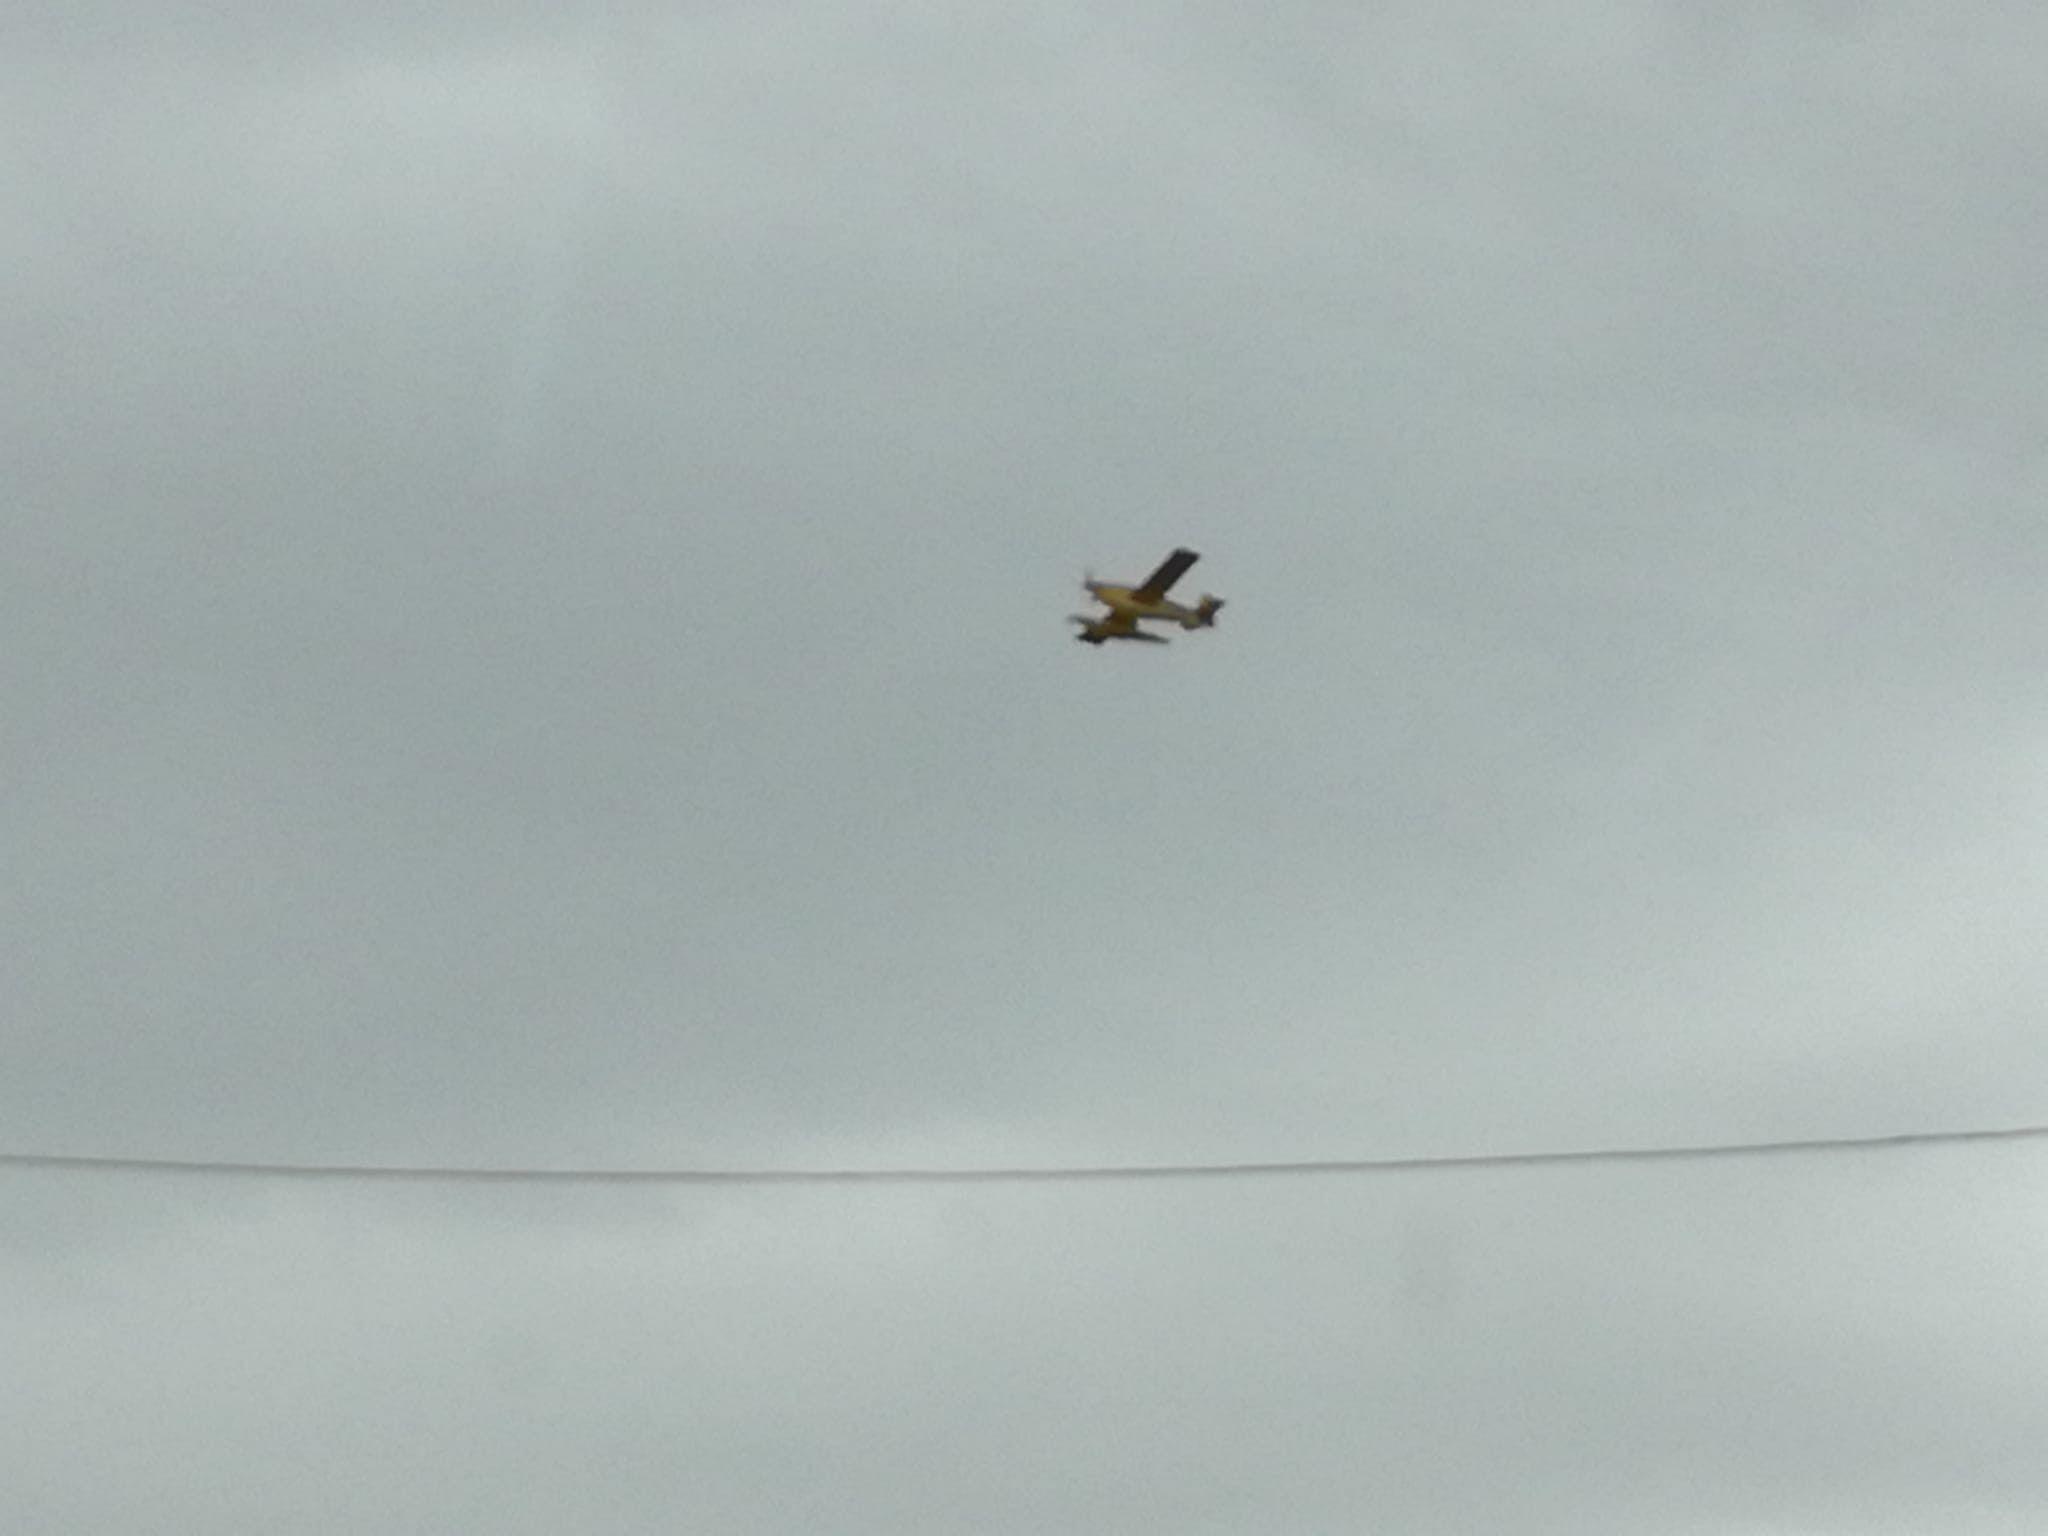 Hidroavion mombuey (1)